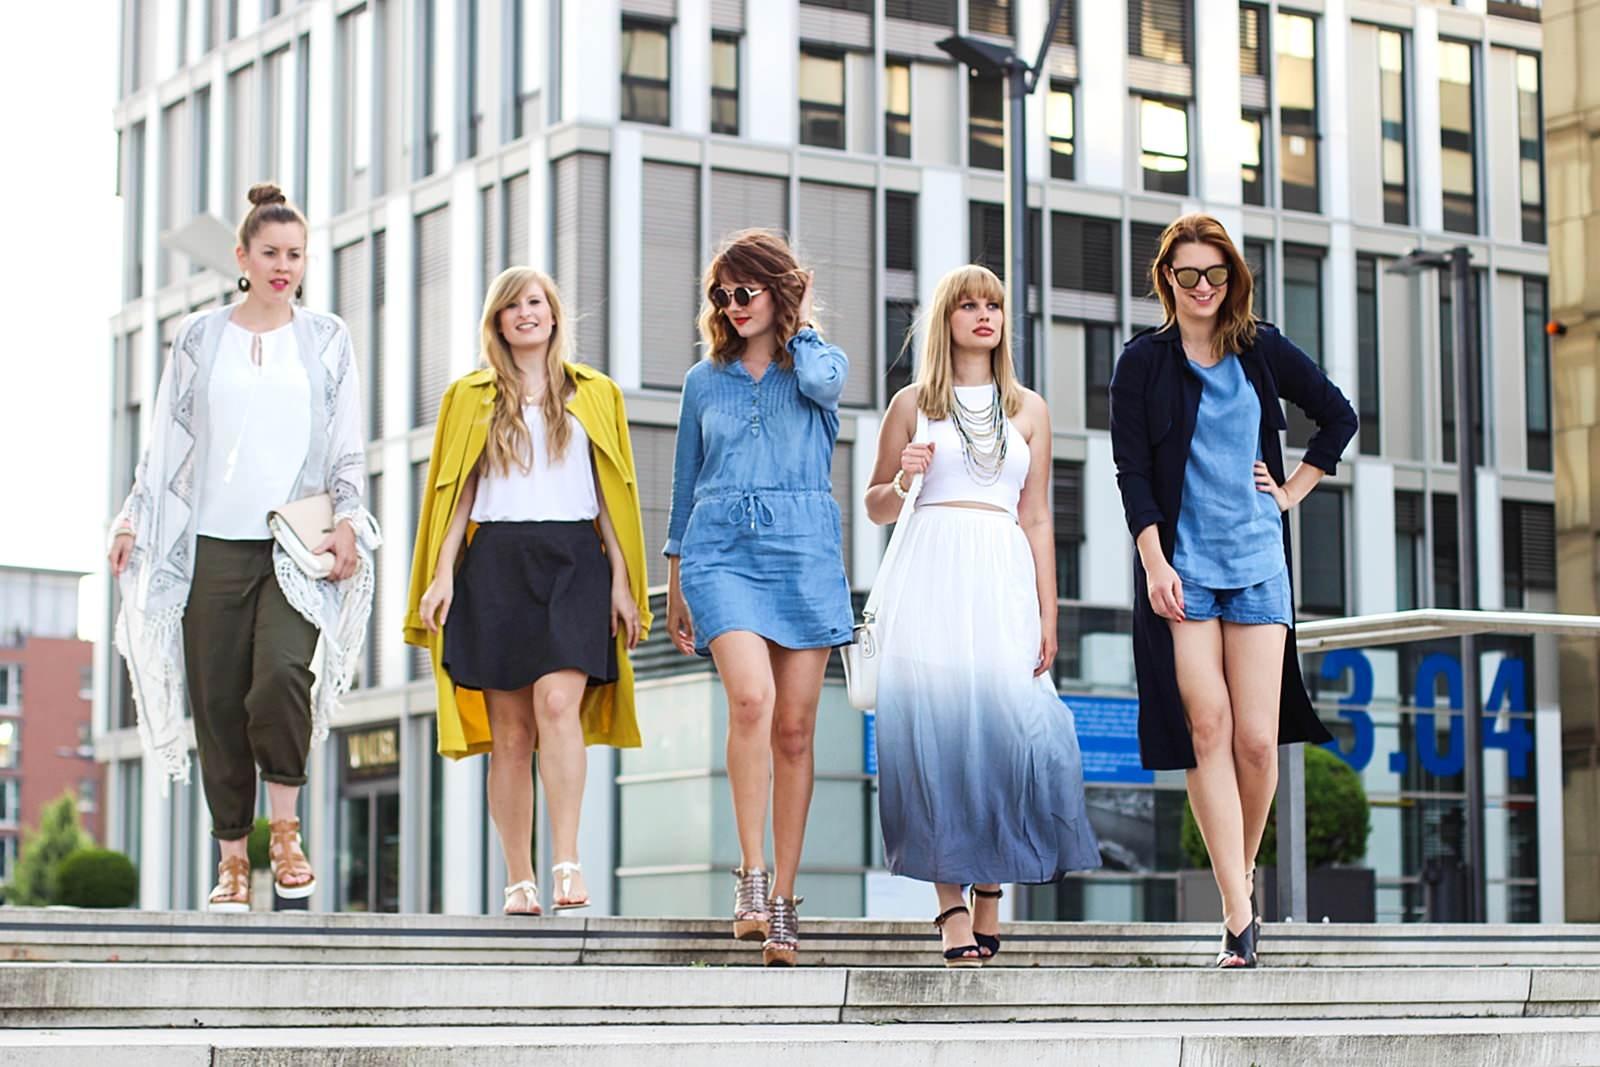 Kölner Blogger am Rheinhafen: Sommer Trends - Chambrey-Jeans Kleid von Tom Tailor, goldene Plateau-Heels, runde Sonnenbrille am Rheinauhafen, Köln